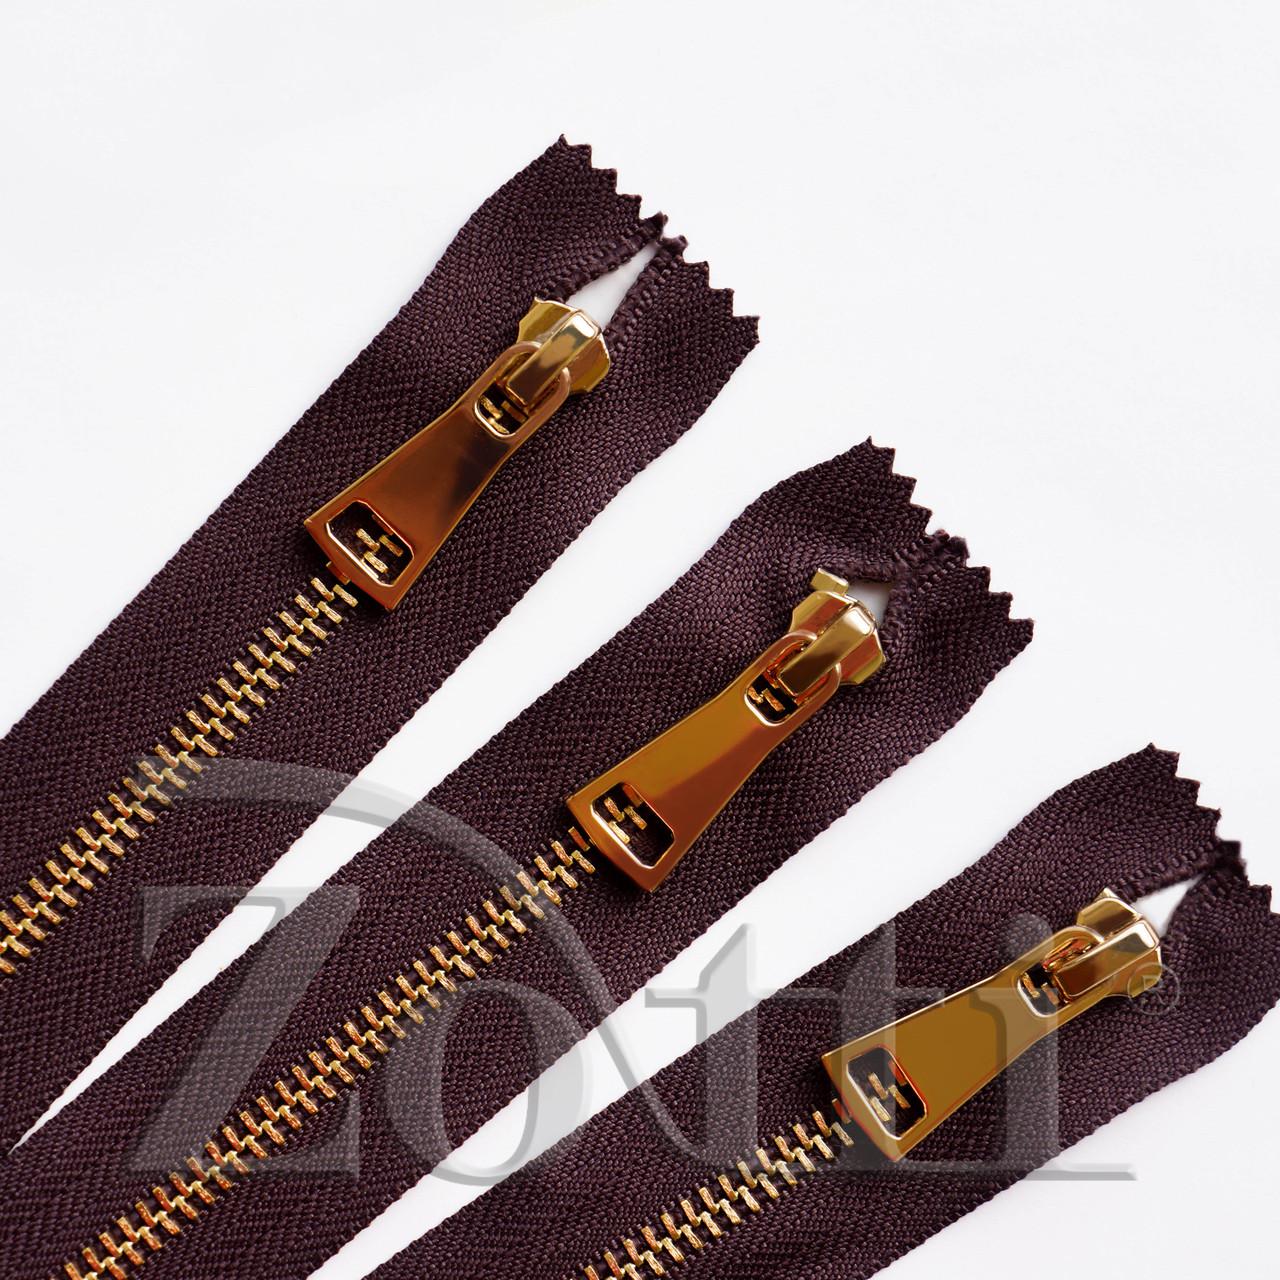 Молния (змейка,застежка) металлическая №5, размерная, обувная, коричневая, с золотым бегунком № 115 - 25 см